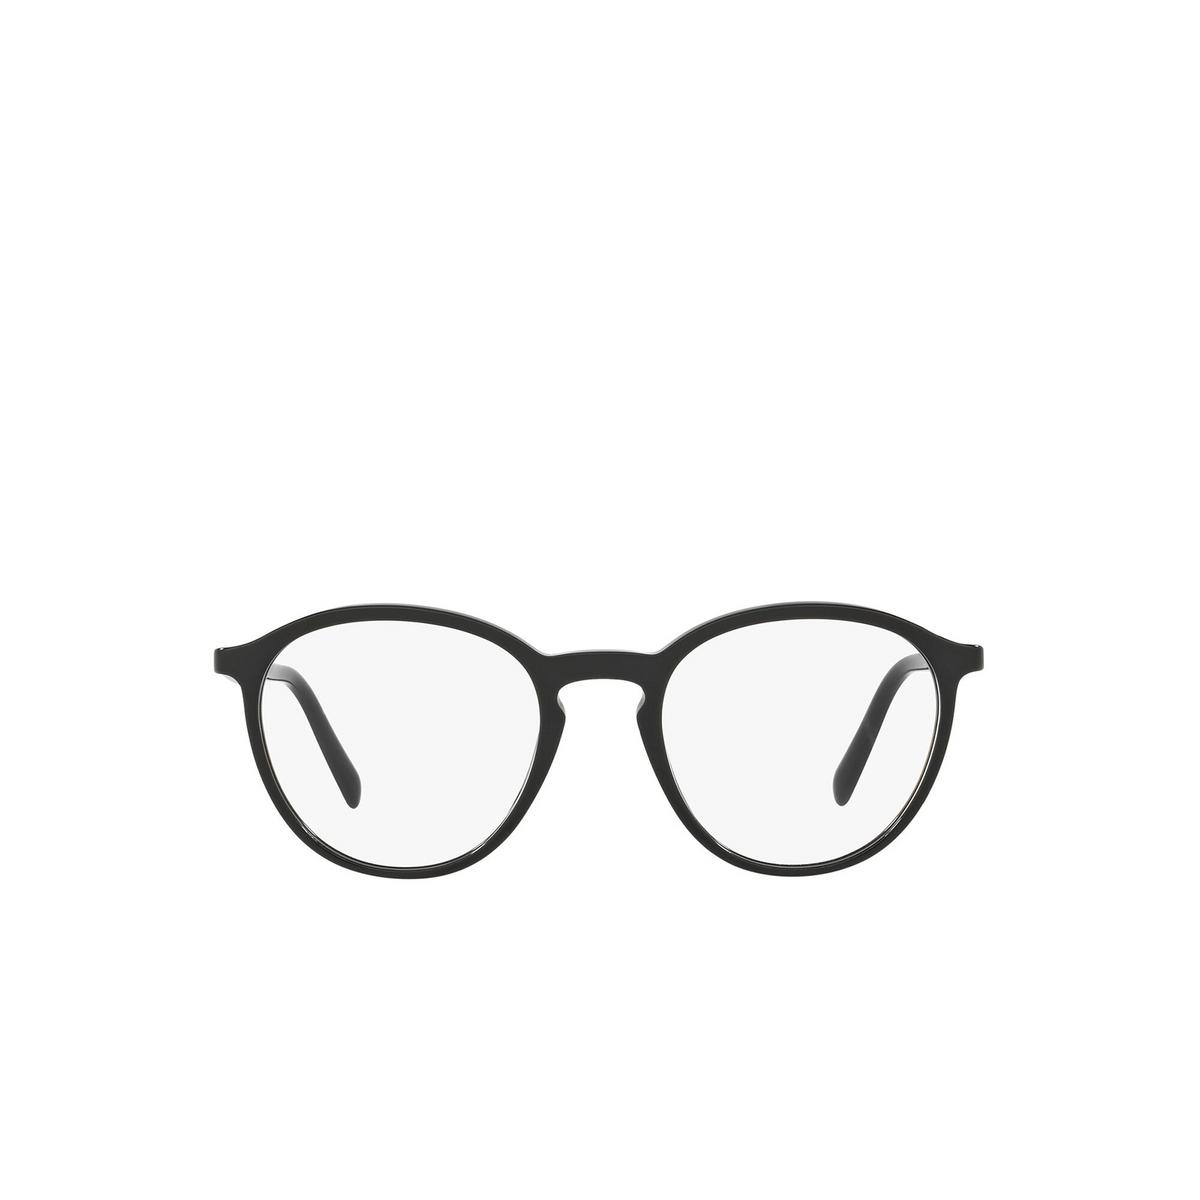 Prada® Round Eyeglasses: Conceptual PR 13TV color Black 1AB1O1 - front view.